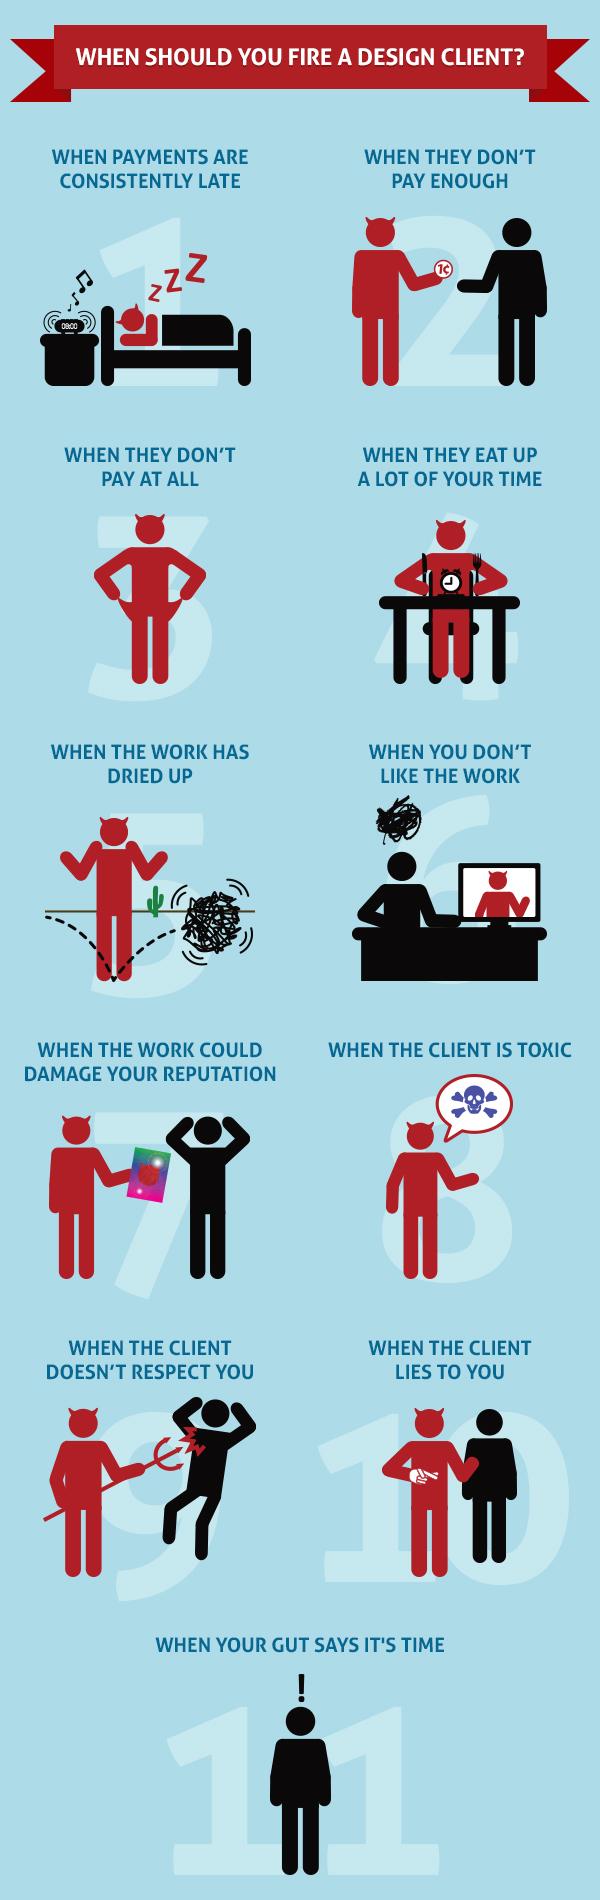 When Should You Fire a Design Client?